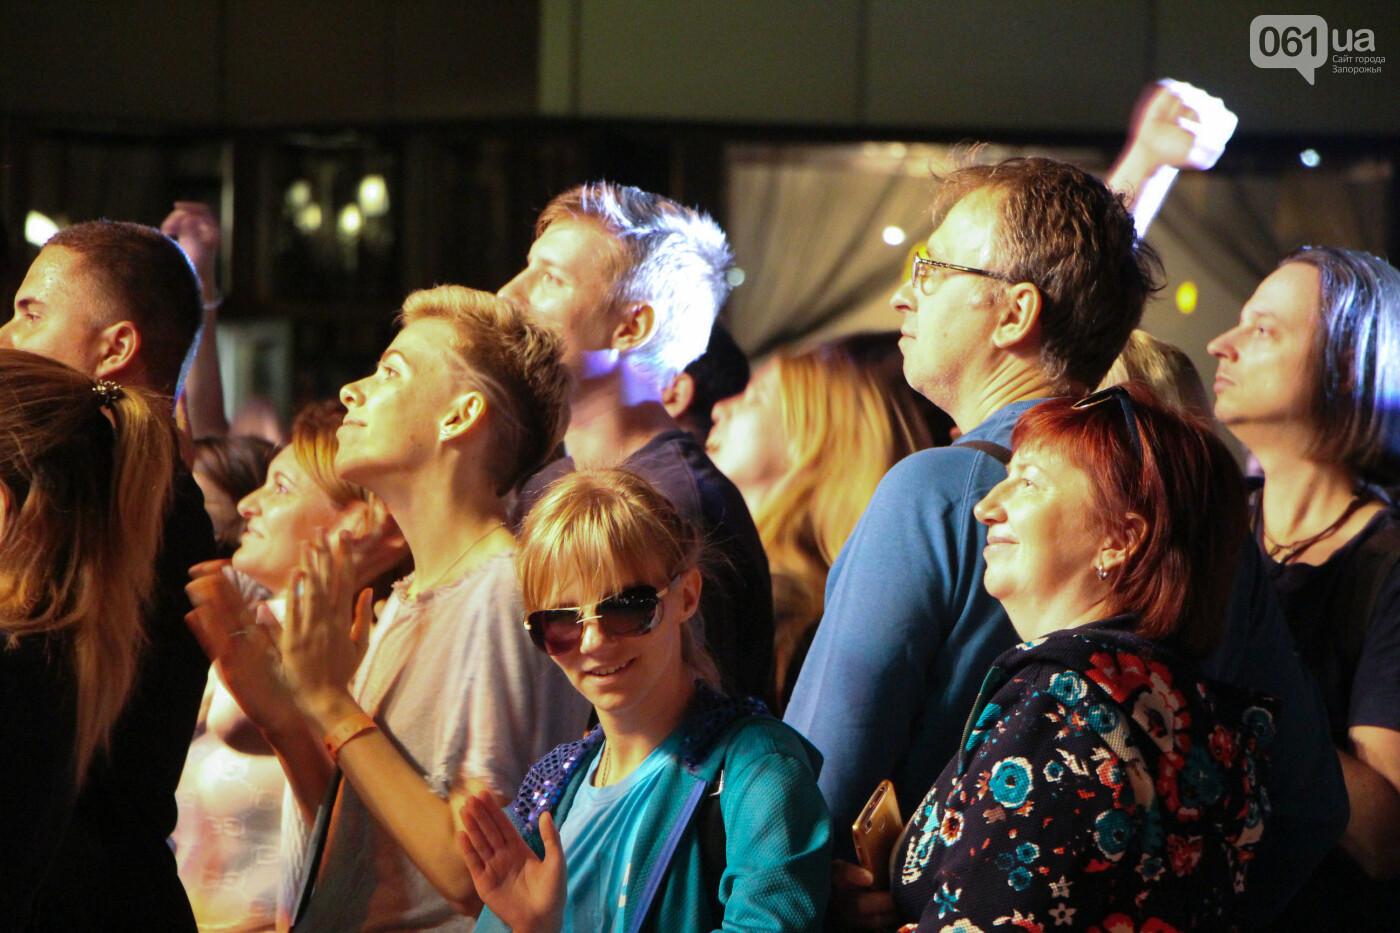 Концерт группы «Жадан і Собаки» собрал сотни запорожцев: как это было, - ФОТОРЕПОРТАЖ, фото-16